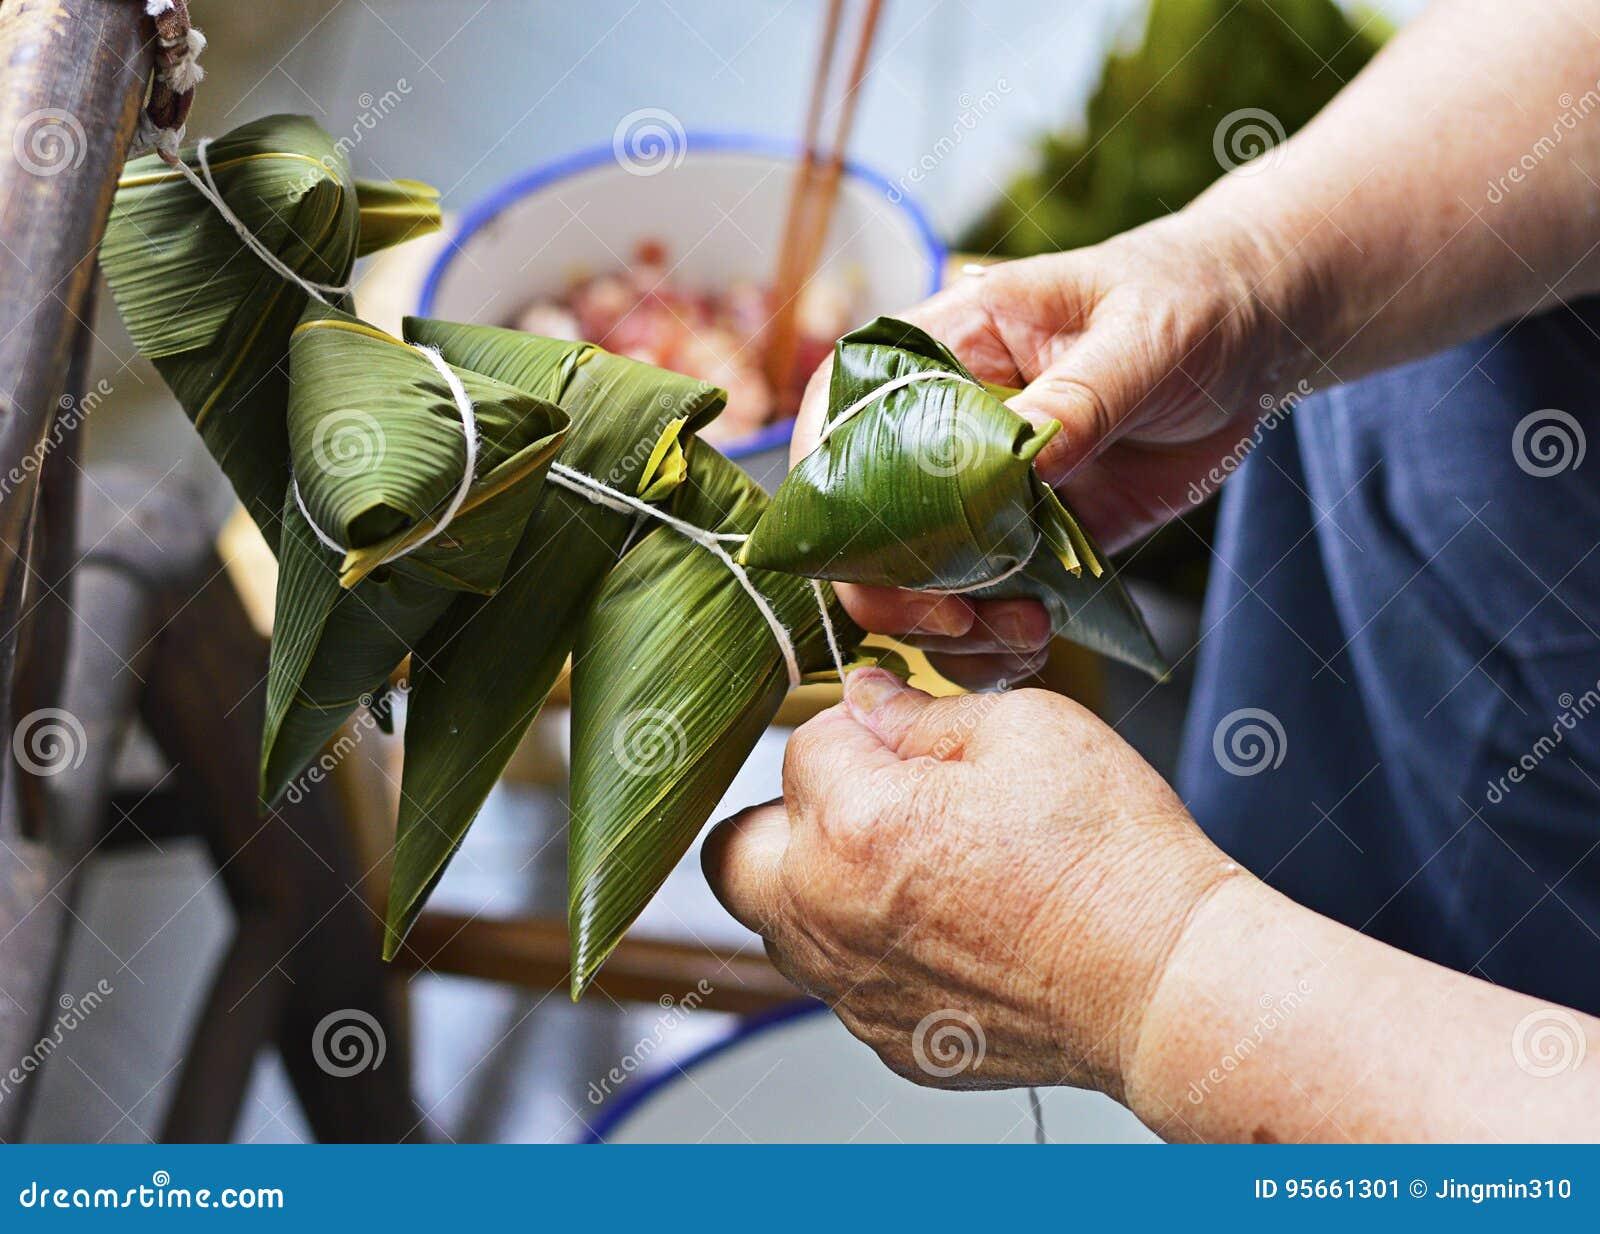 Twee Handen halen het Koord over het Blad aan om Zongzi, Traditionele Chinese Rijstbollen voor Dragon Boat Festival te maken